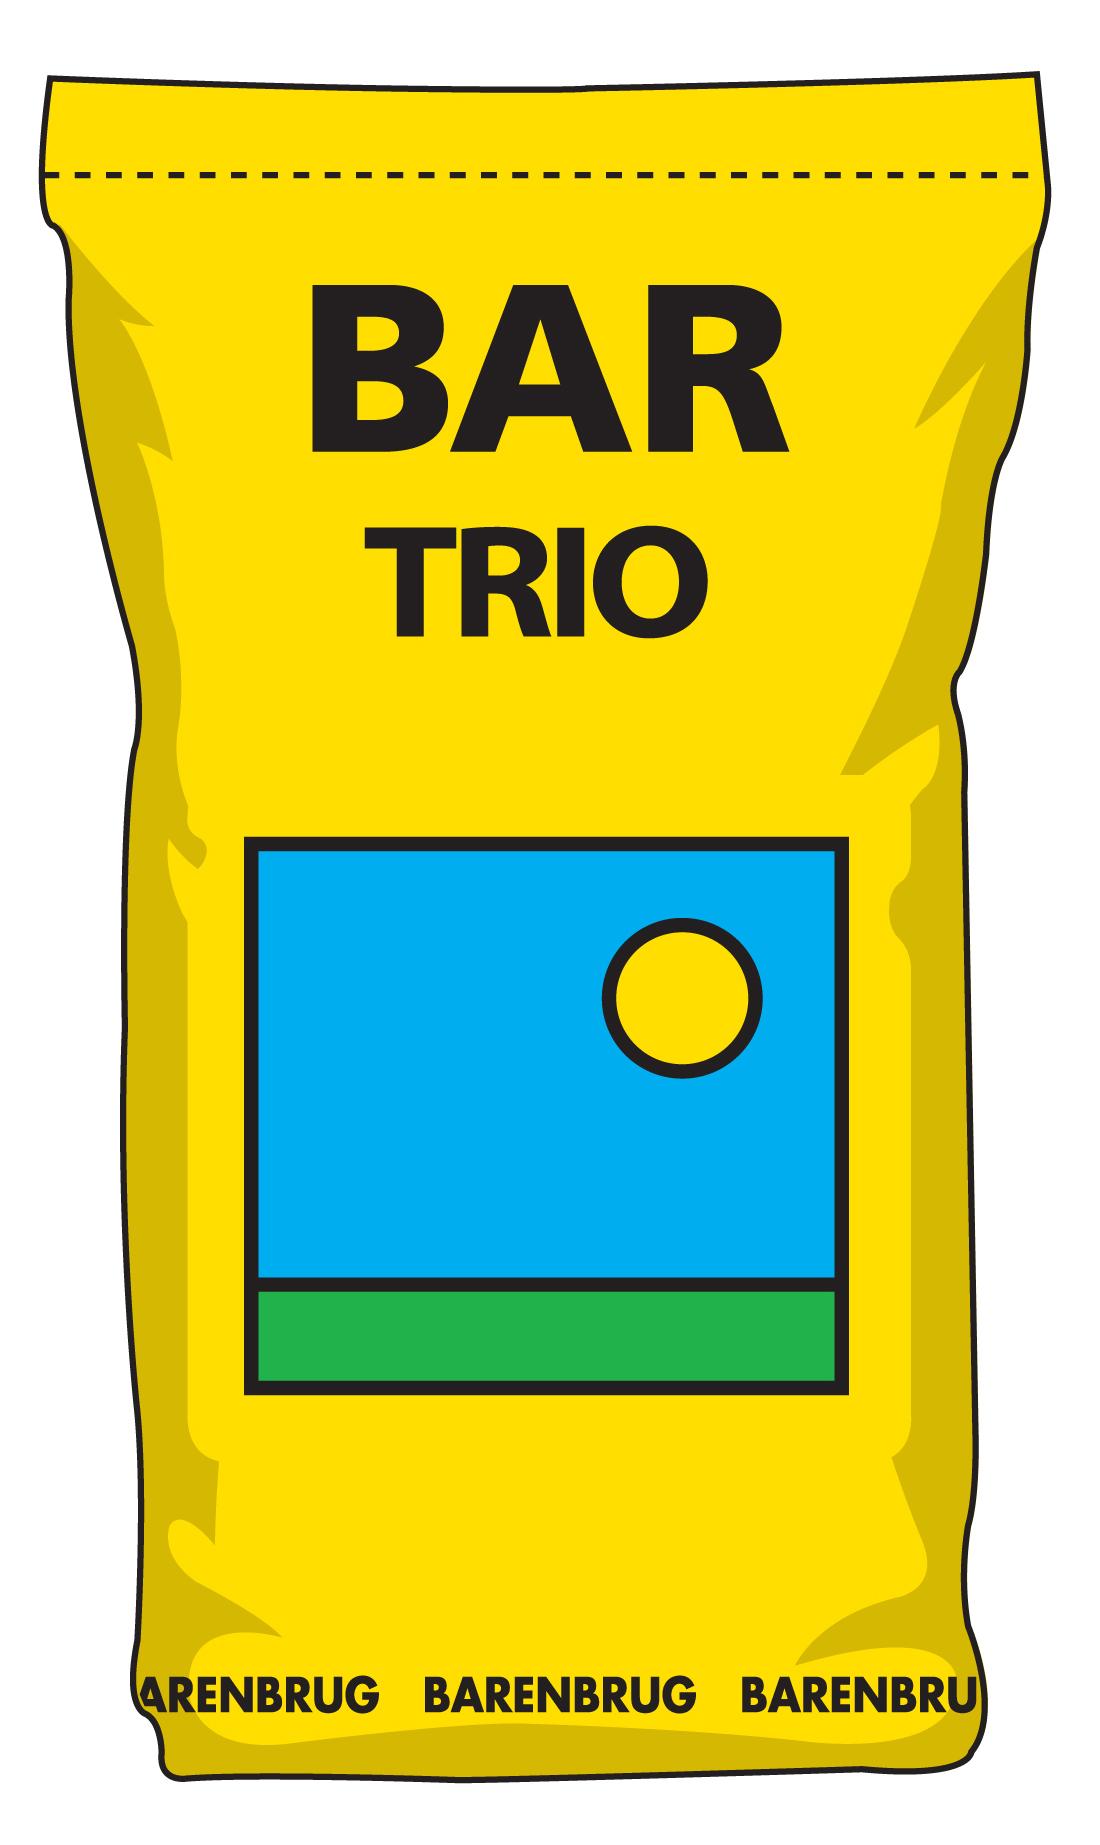 BAR Trio bag